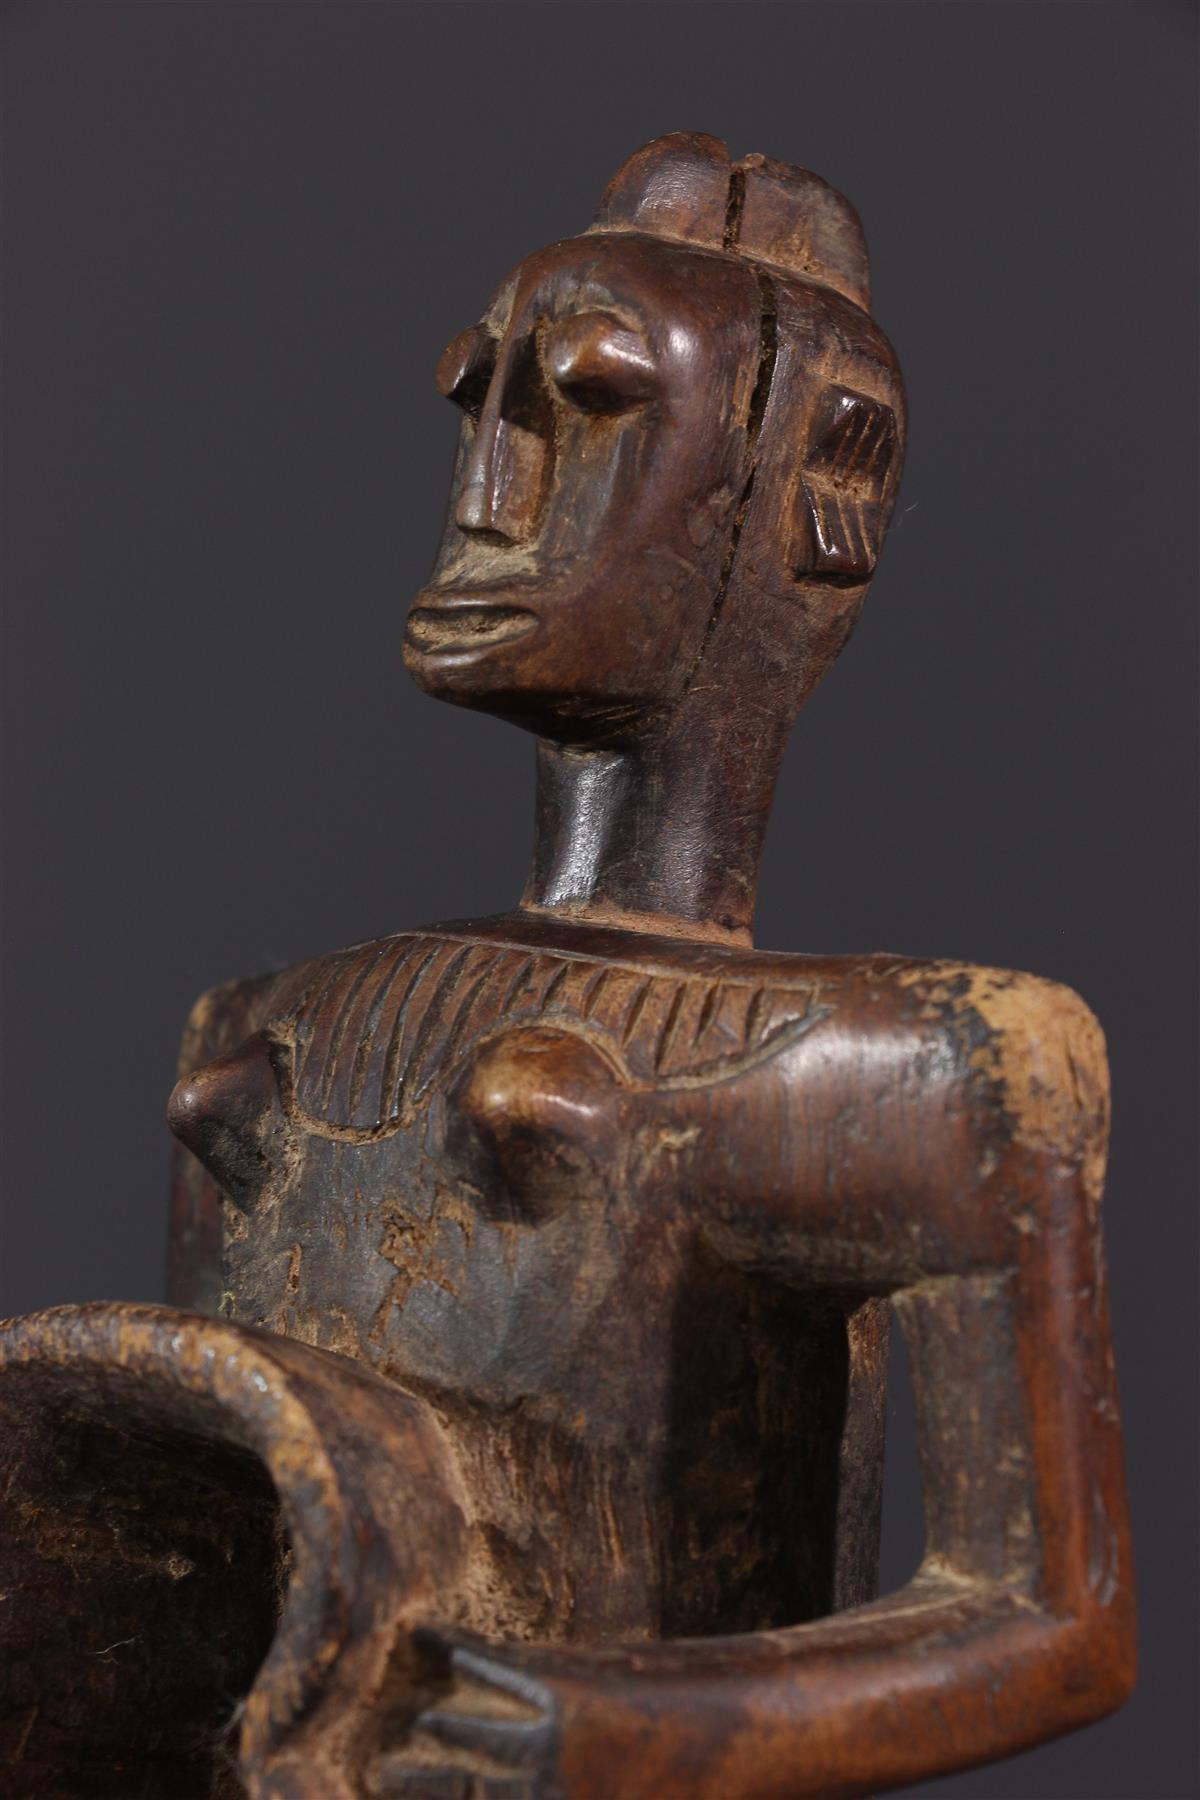 Statue Koro - African art